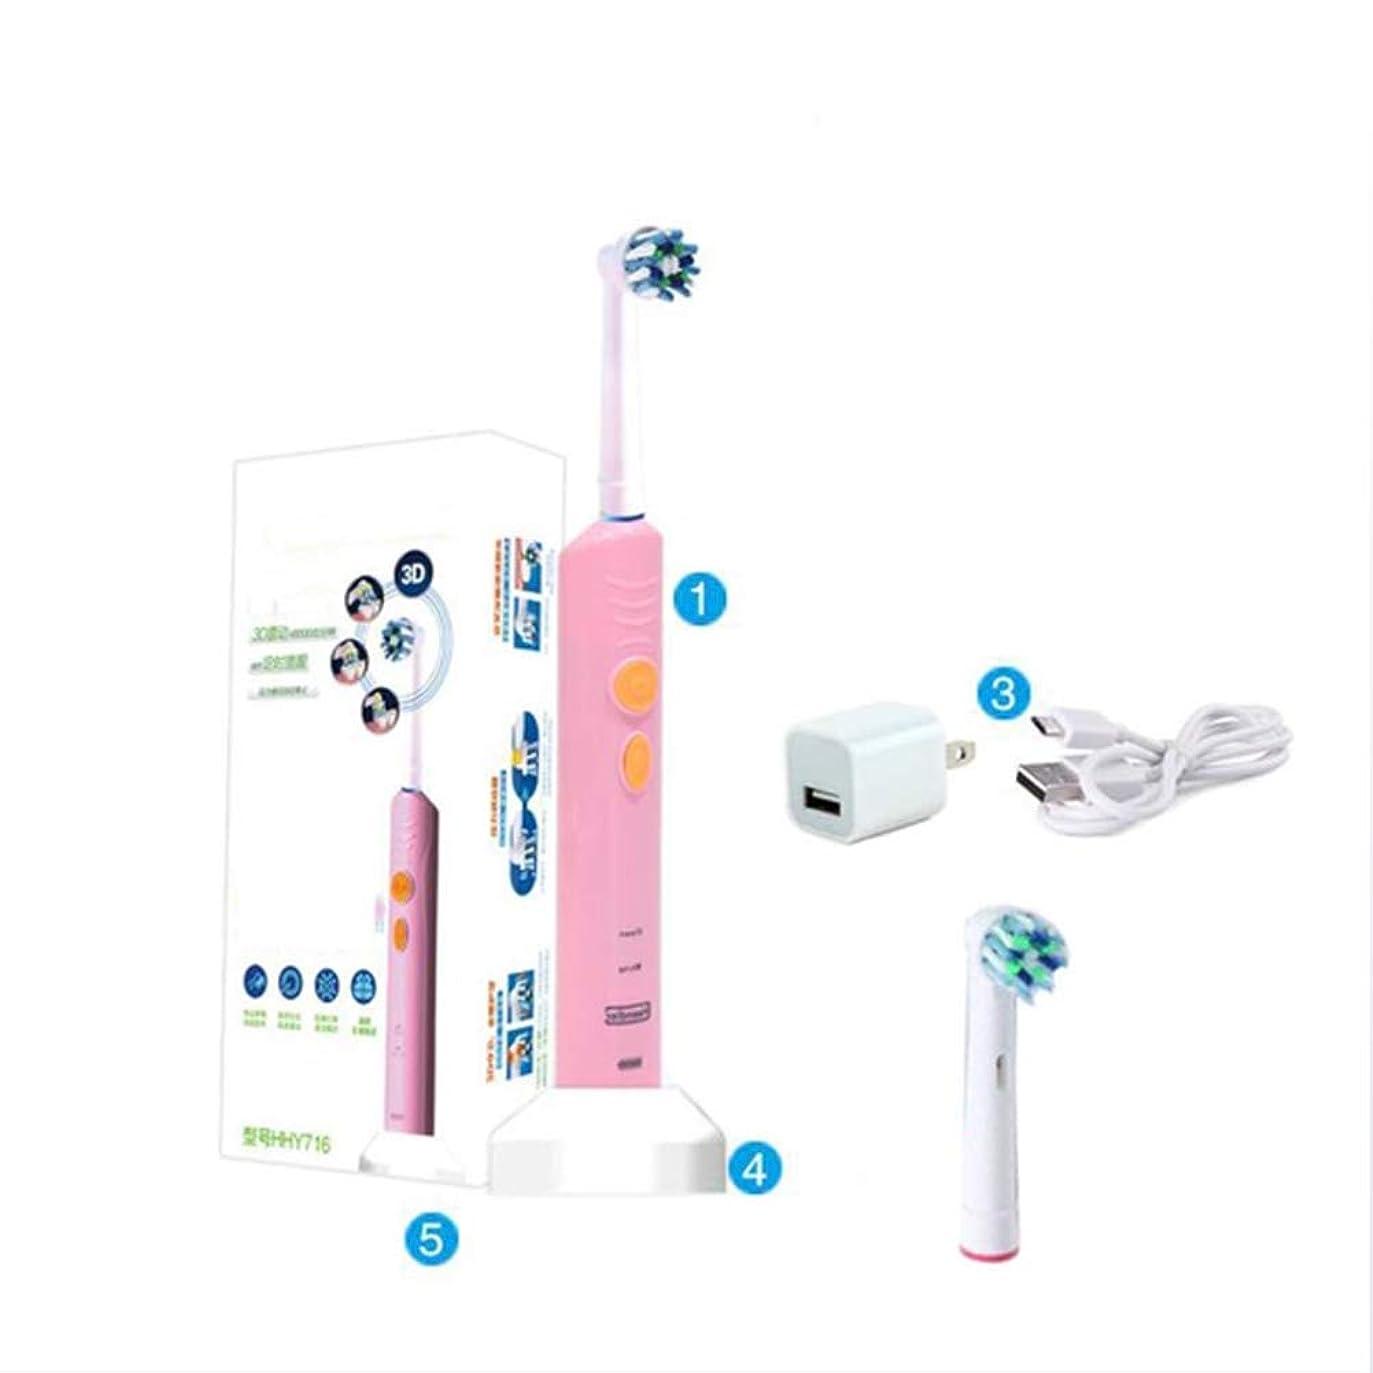 ジャケットシマウマデコラティブ電気ソニック充電式歯ブラシ、2つの交換可能なブラシヘッド、2つのモード、誘導充電、IPX7防水、2分のスマートタイミングと30秒のゾーンリマインダ、大人のための女性と男性